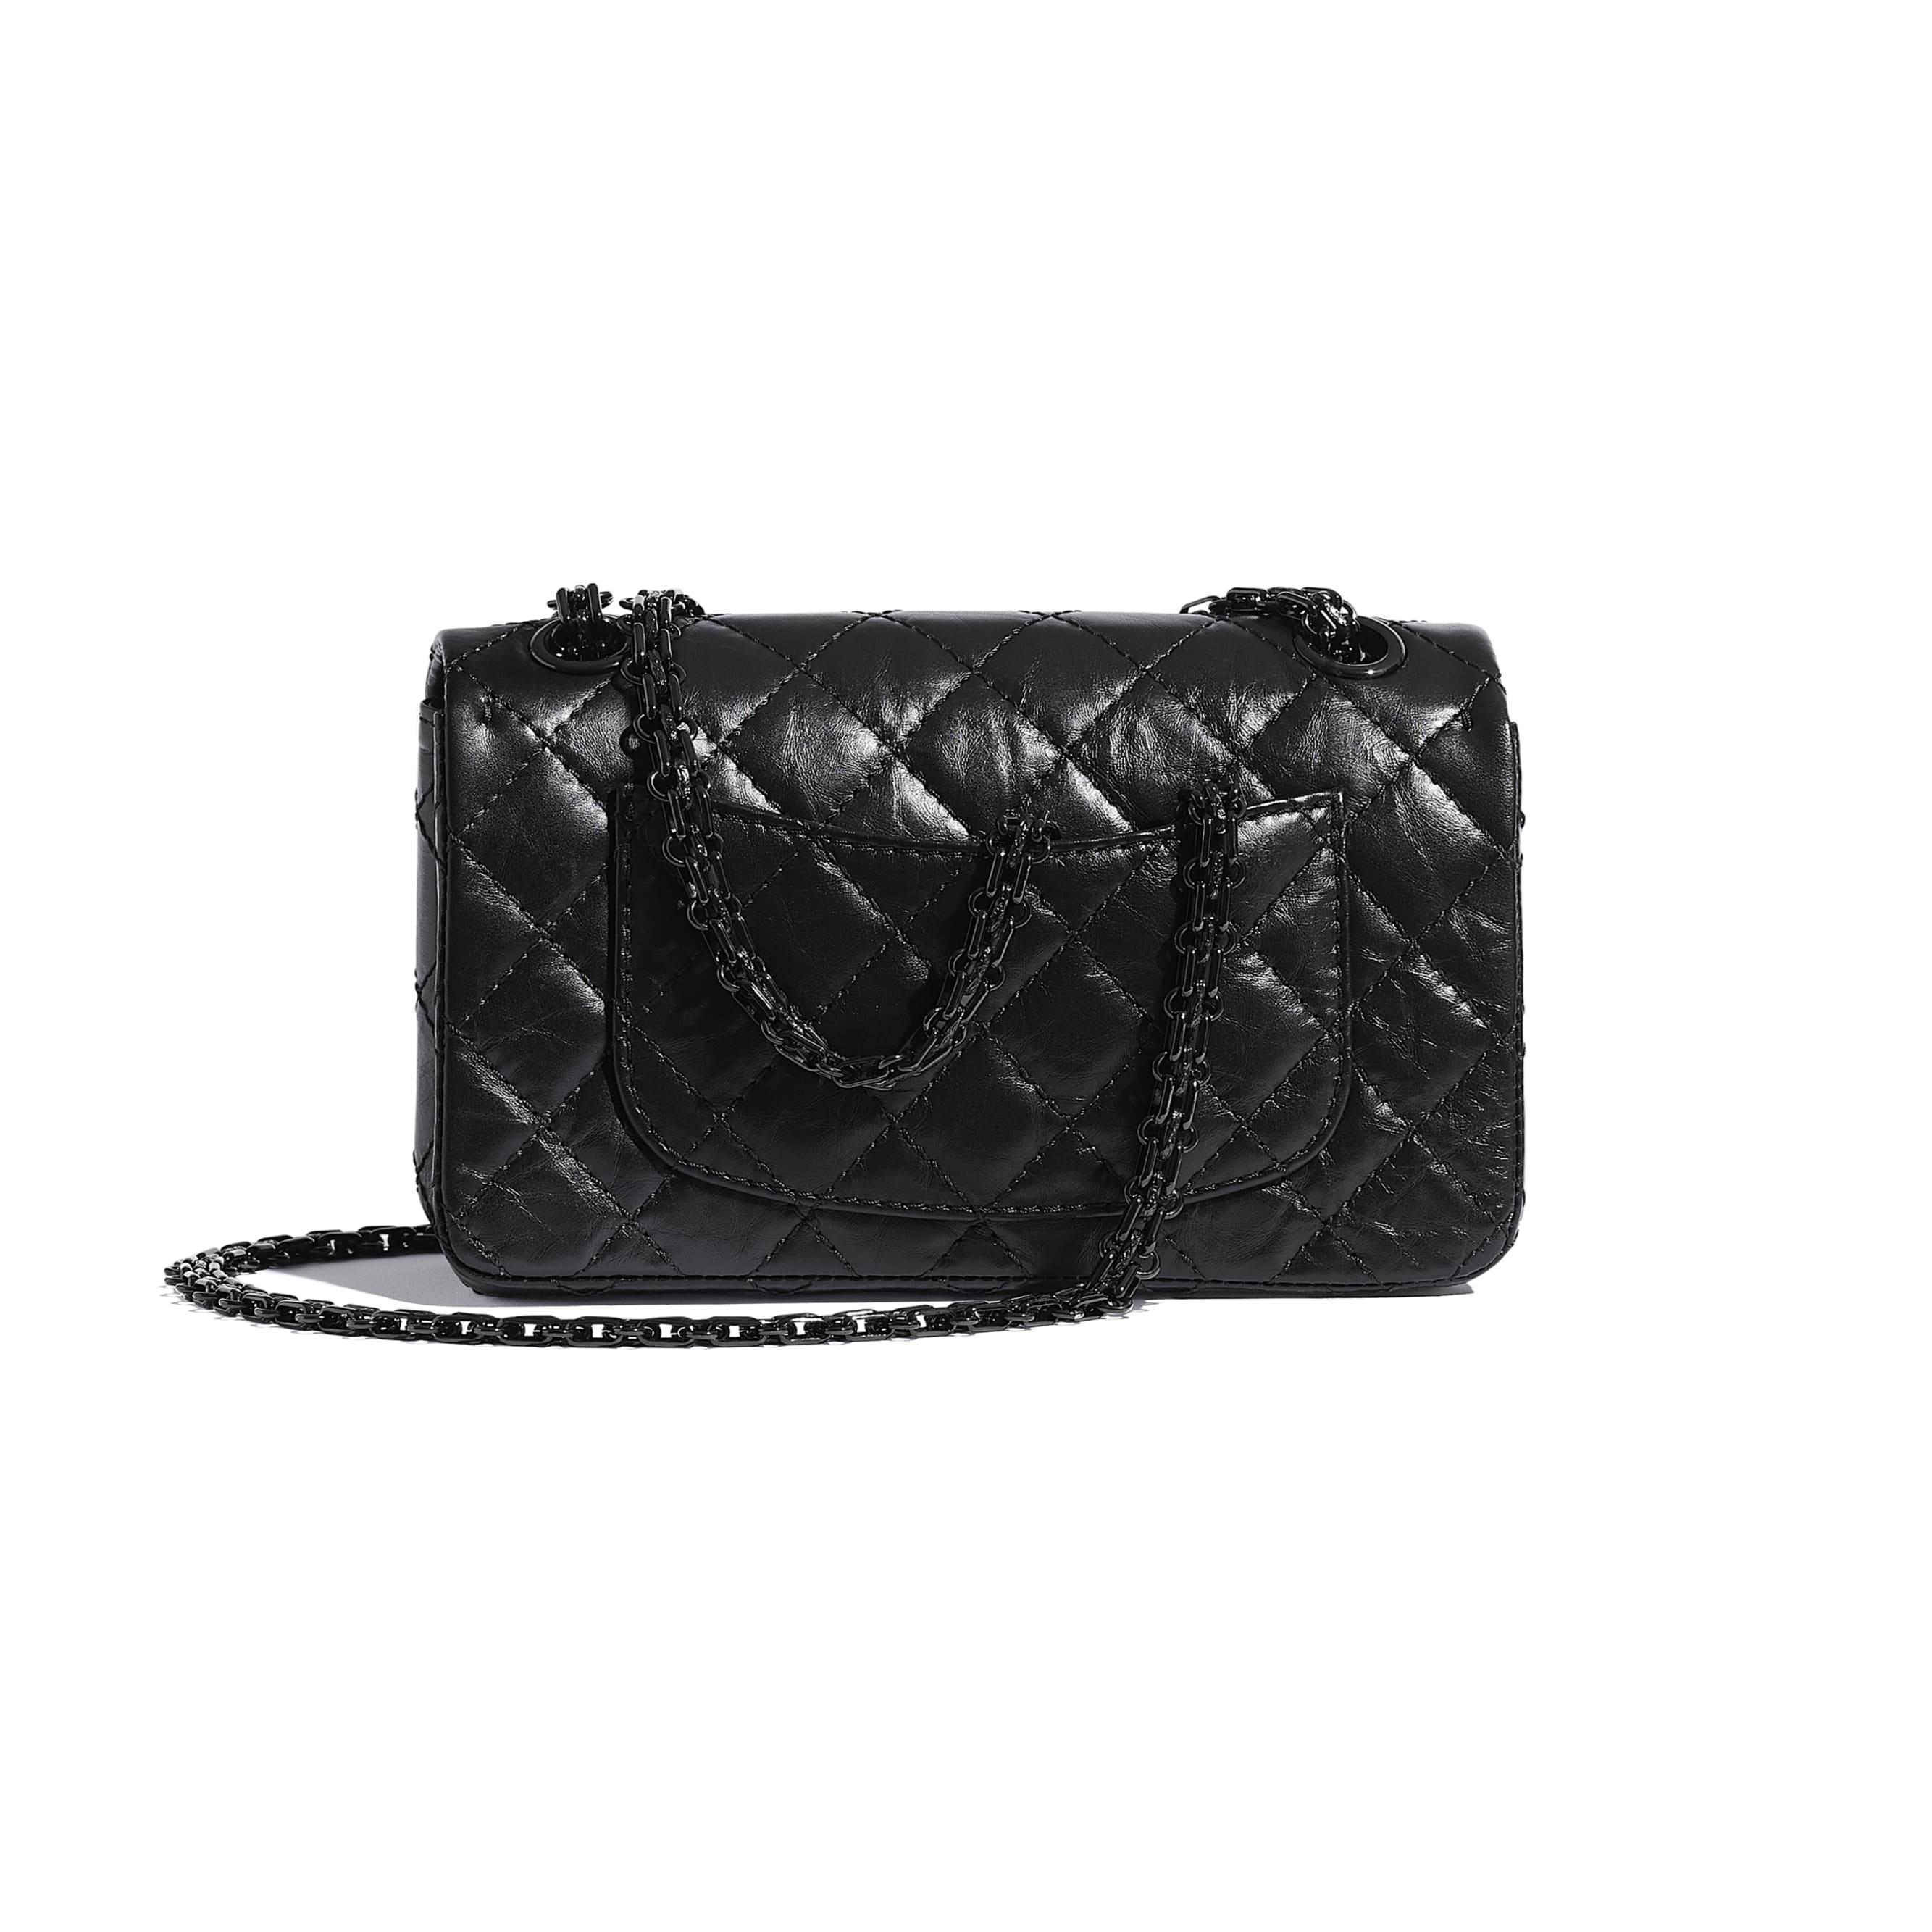 2.55 Mini-Tasche  - Schwarz - Leder in  Vintage-Optik & schwarzes Metall - CHANEL - Alternative Ansicht - Standardgröße anzeigen